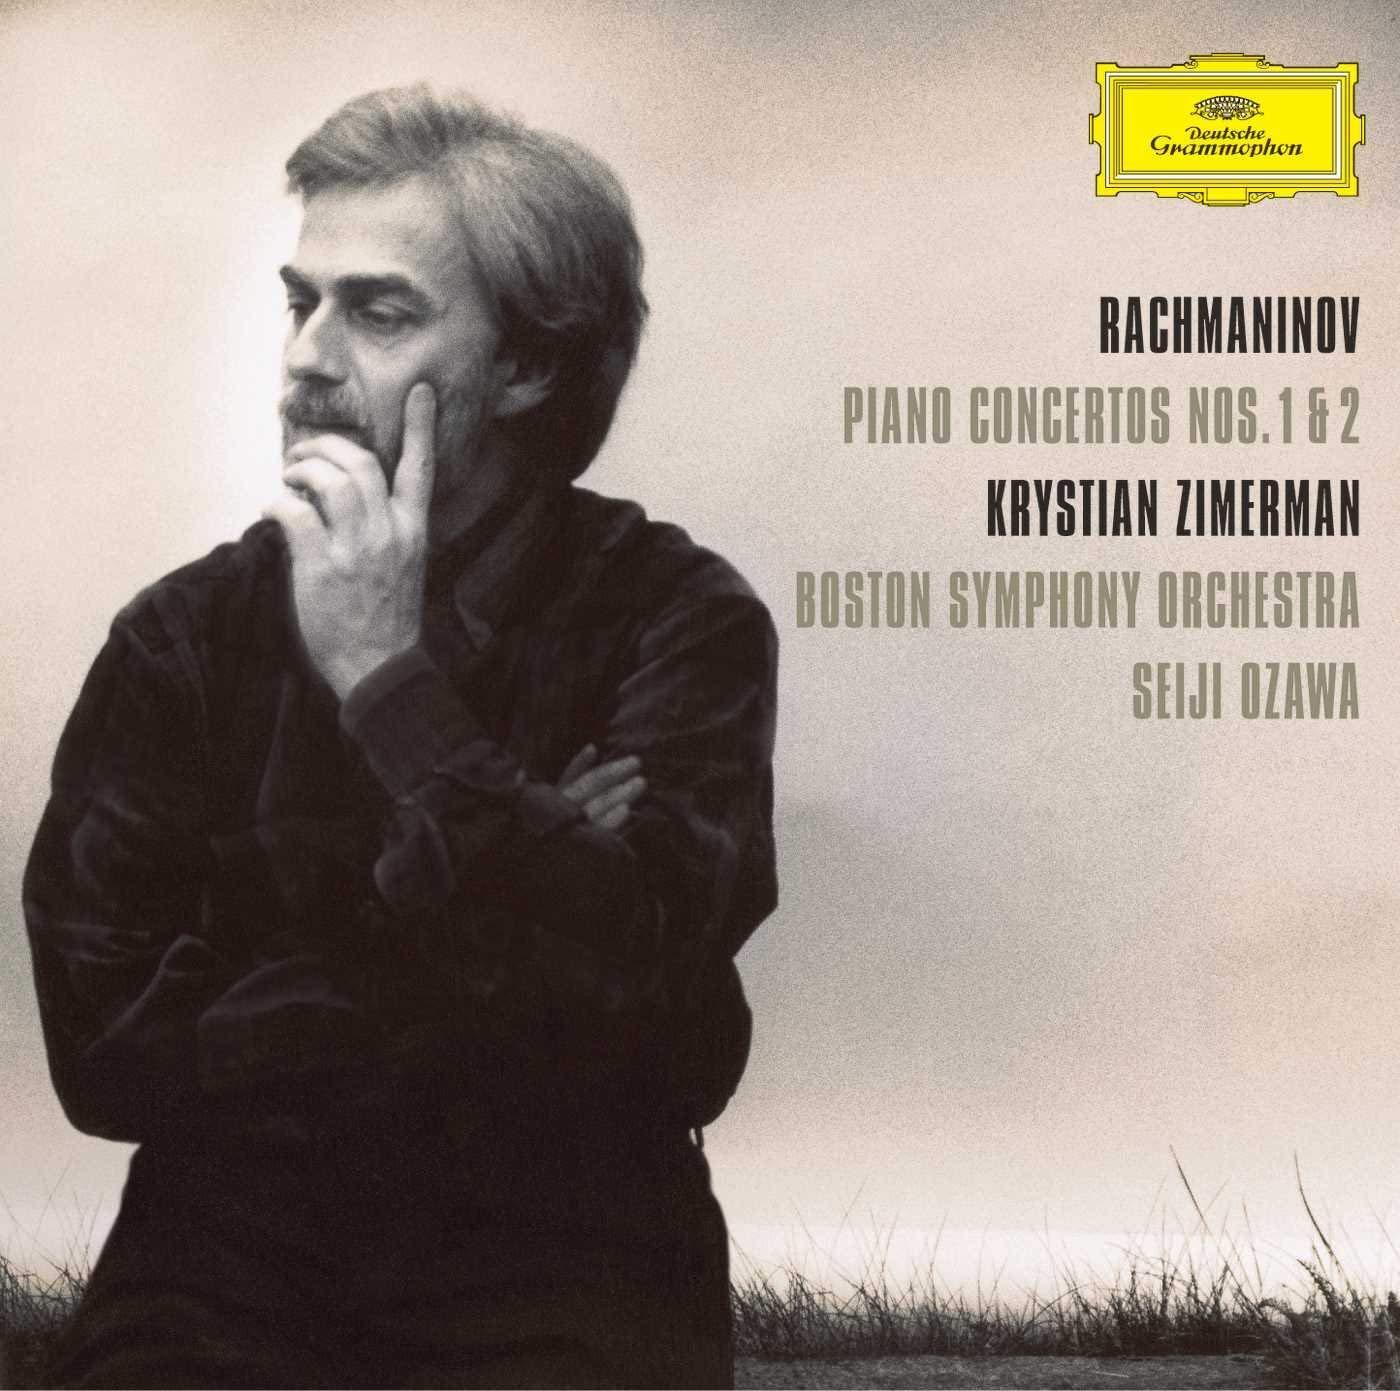 лучшая цена Krystian Zimerman. Rachmaninov: Piano Concertos Nos. 1 & 2